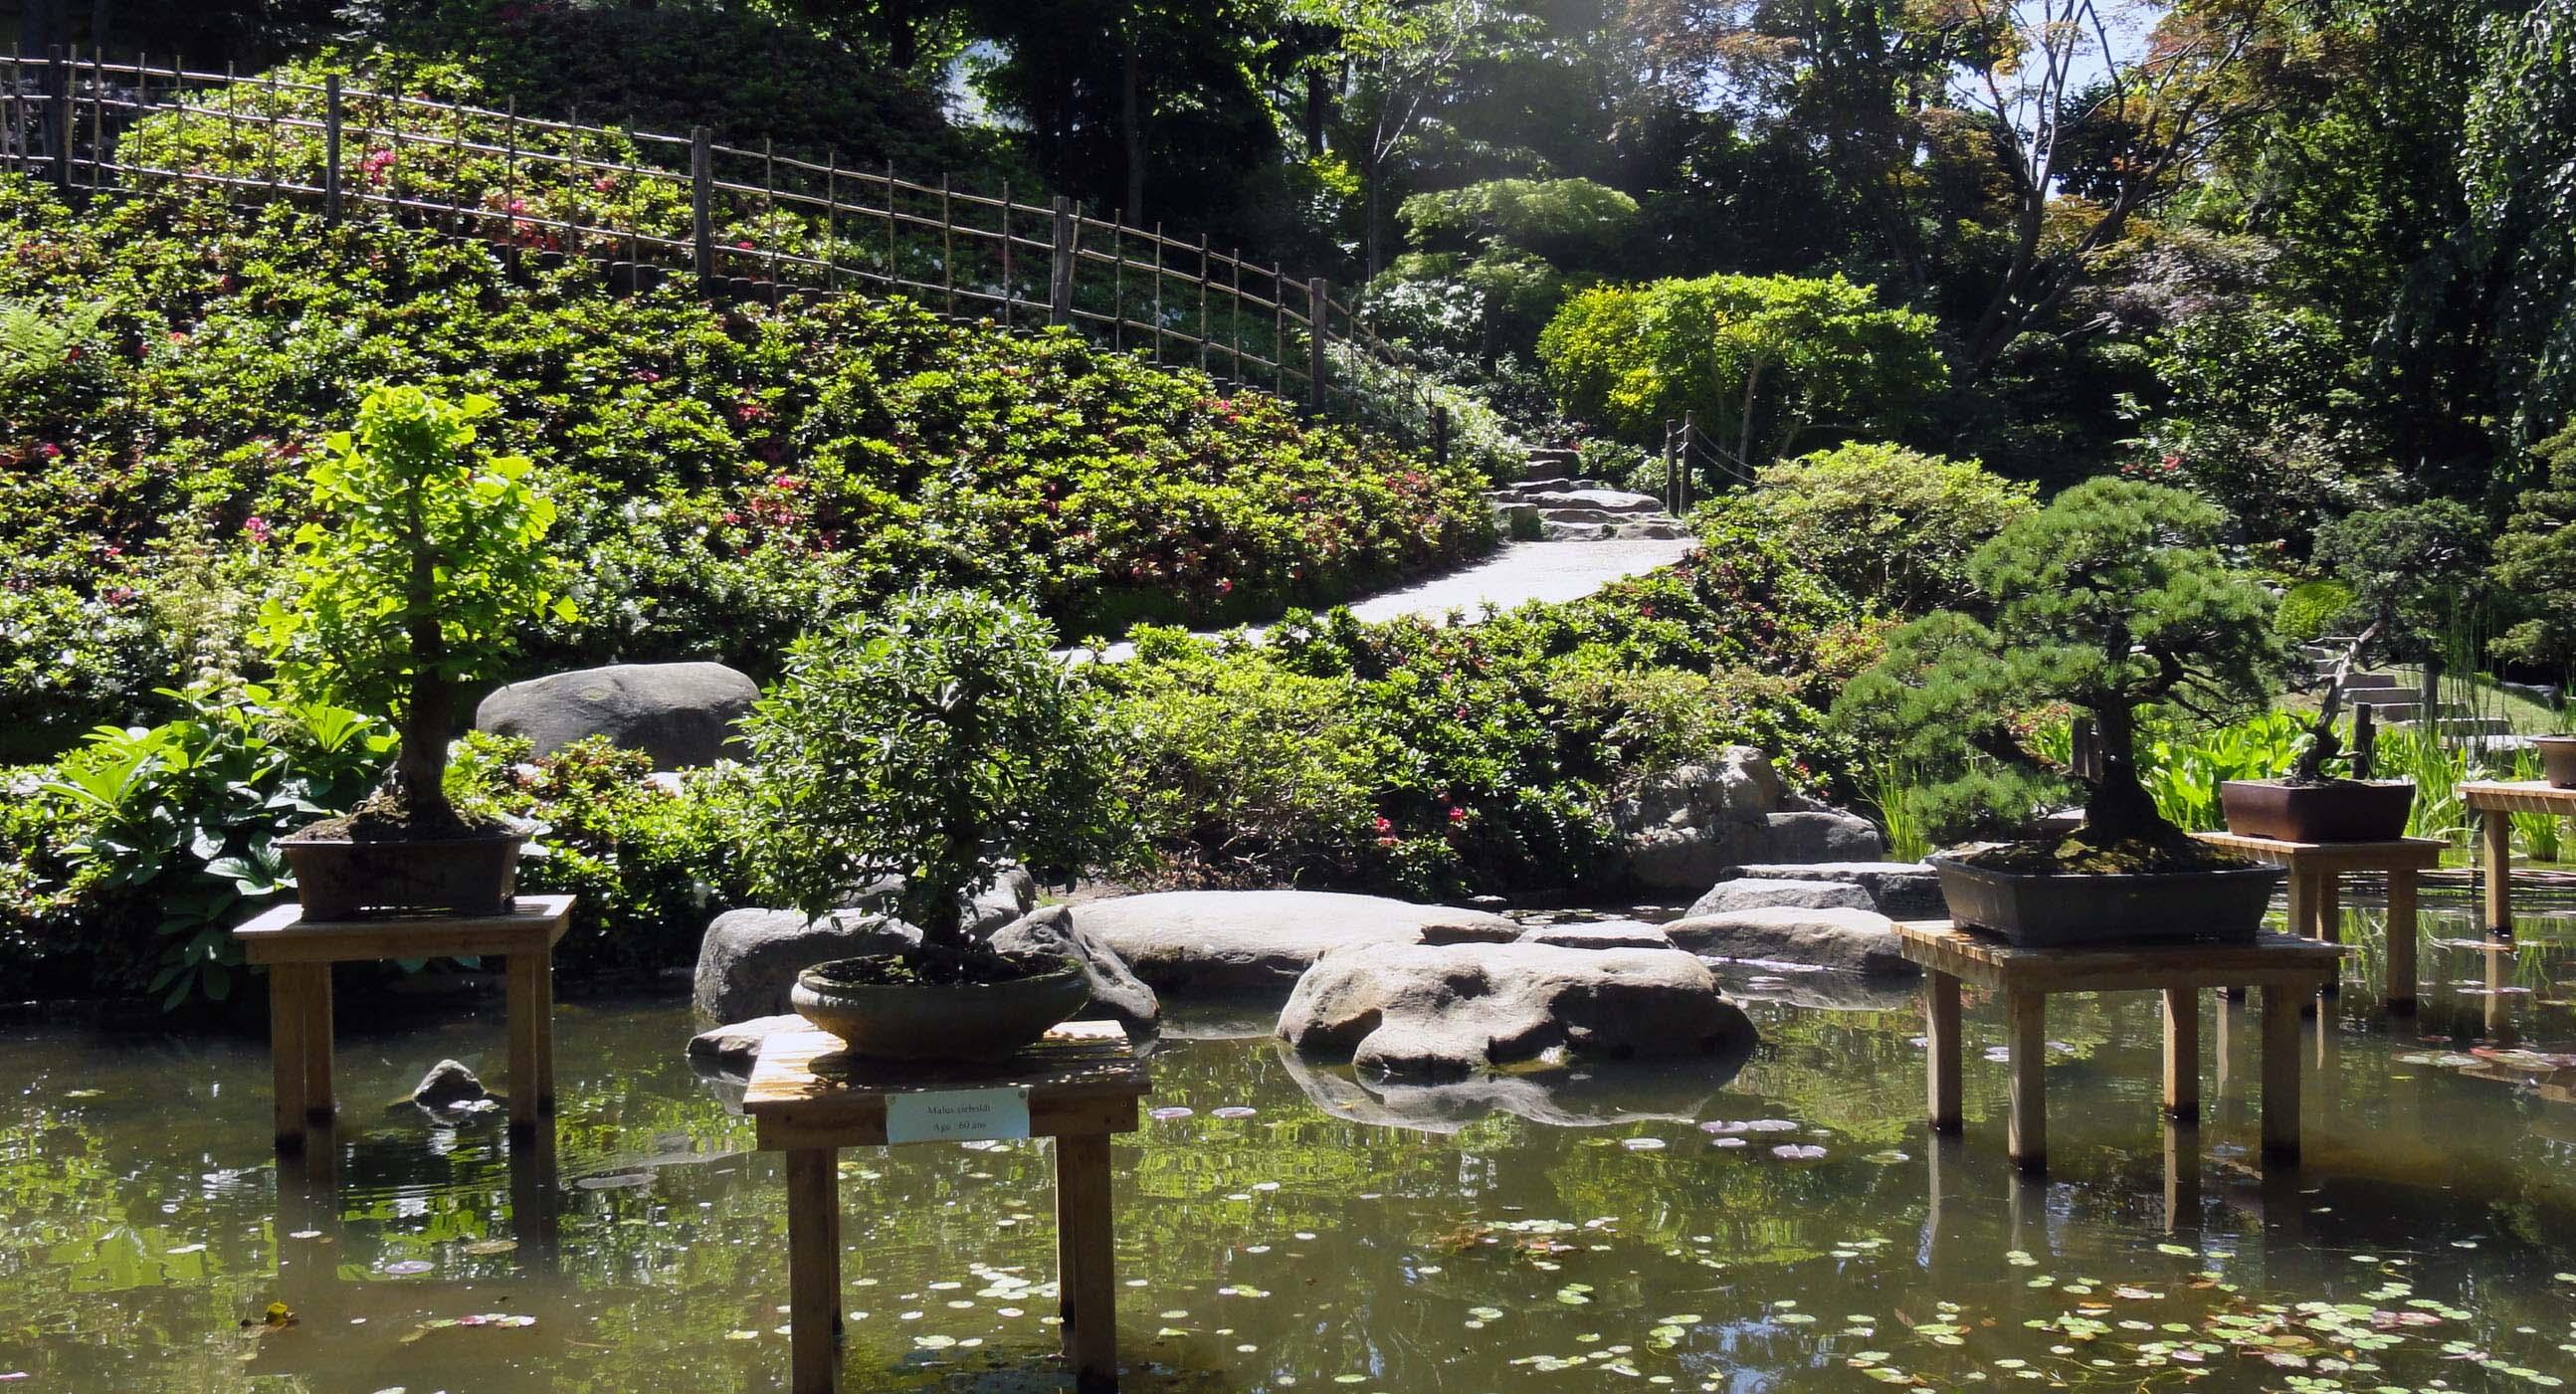 Bonsa s aux jardins albert kahn jardins du japon et d - Jardin de bonsais ...